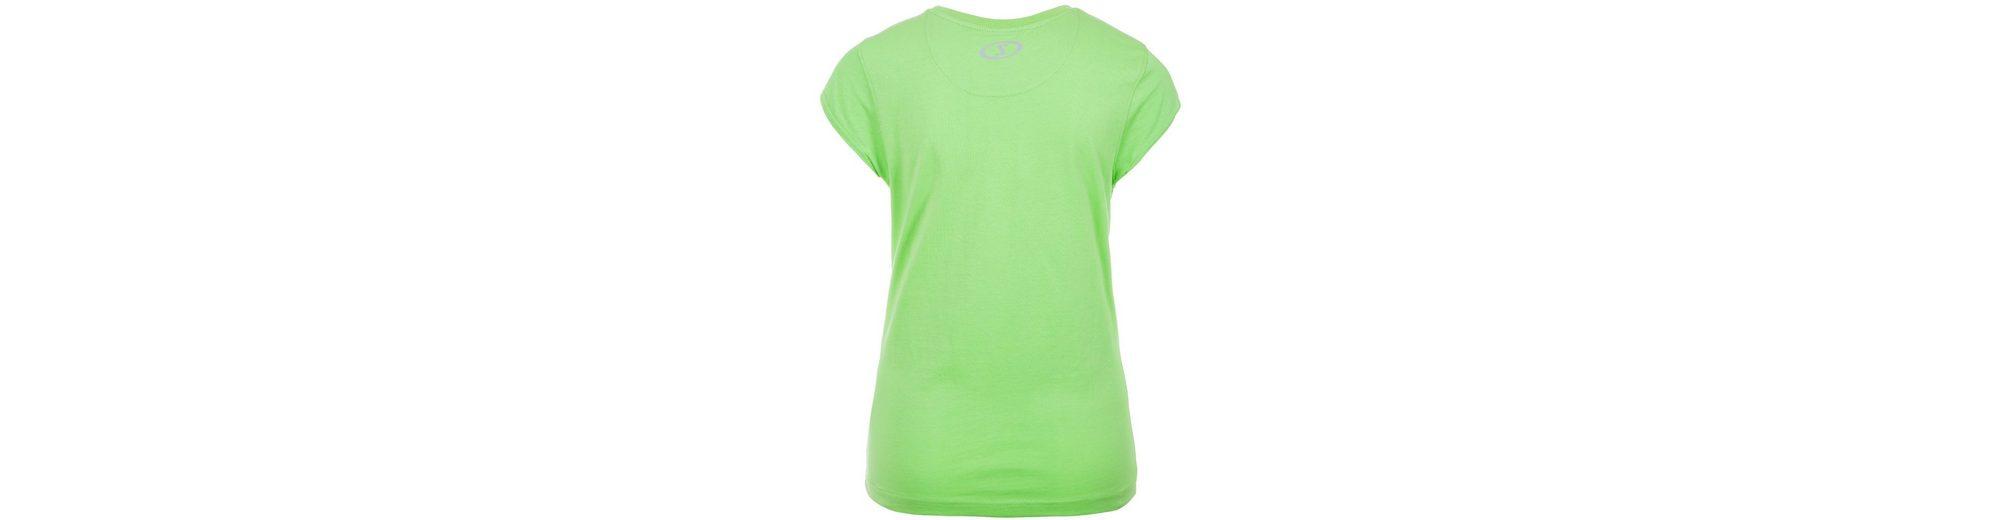 Preiswerte Reale Sehr Billig Verkauf Online SPALDING TEAM T-Shirt 4her Damen Rabatt Veröffentlichungstermine Billig Limited Edition Große Diskont Günstig Online ItTh99vH